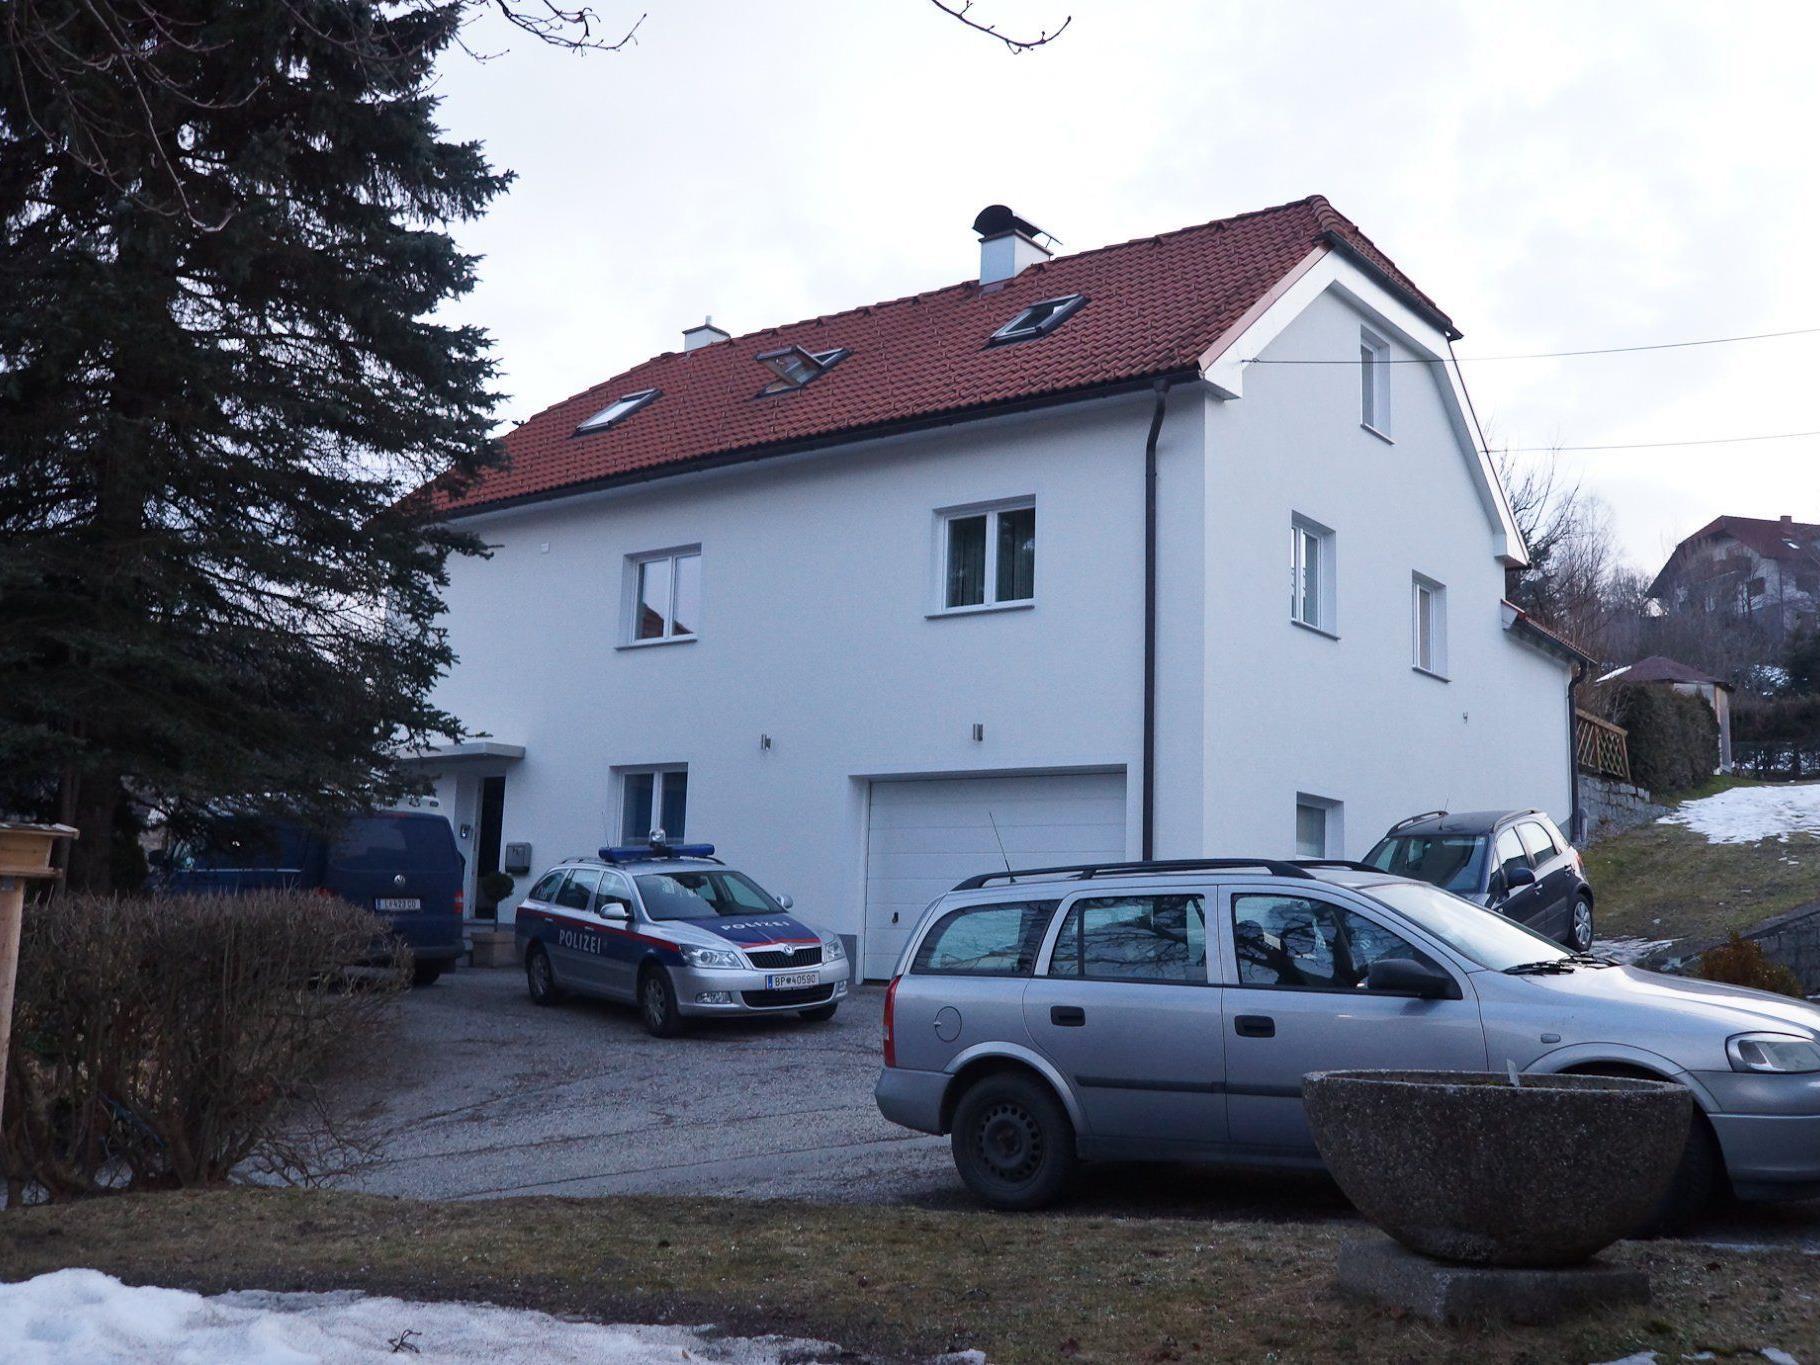 Die Mutter, die ihren eigenen Sohn in Oberösterreich erstochen hat, ist bis auf weiteres nicht vernehmungsfähig.